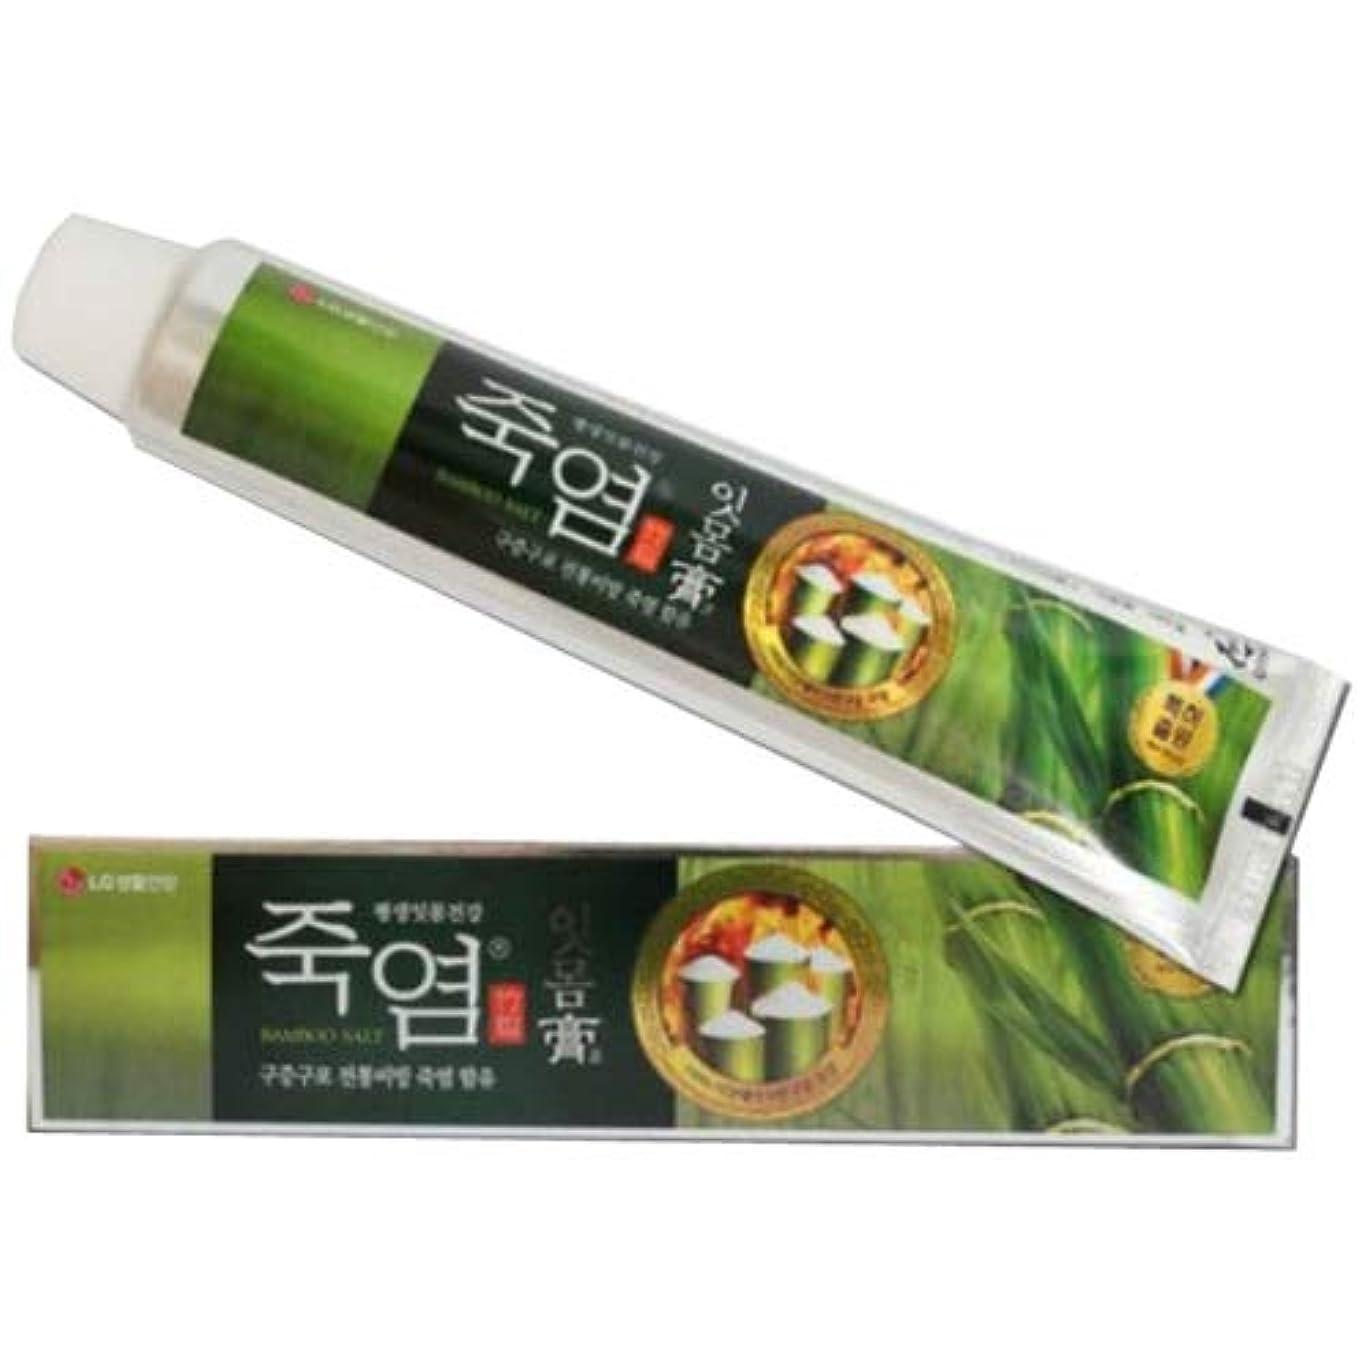 悲鳴関与する国LG生活健康 竹塩歯磨き粉 (歯康膏:ウンガンゴ)(120g X2個) 竹塩歯磨き粉つぶれて歯茎を健康に ウンガンゴ